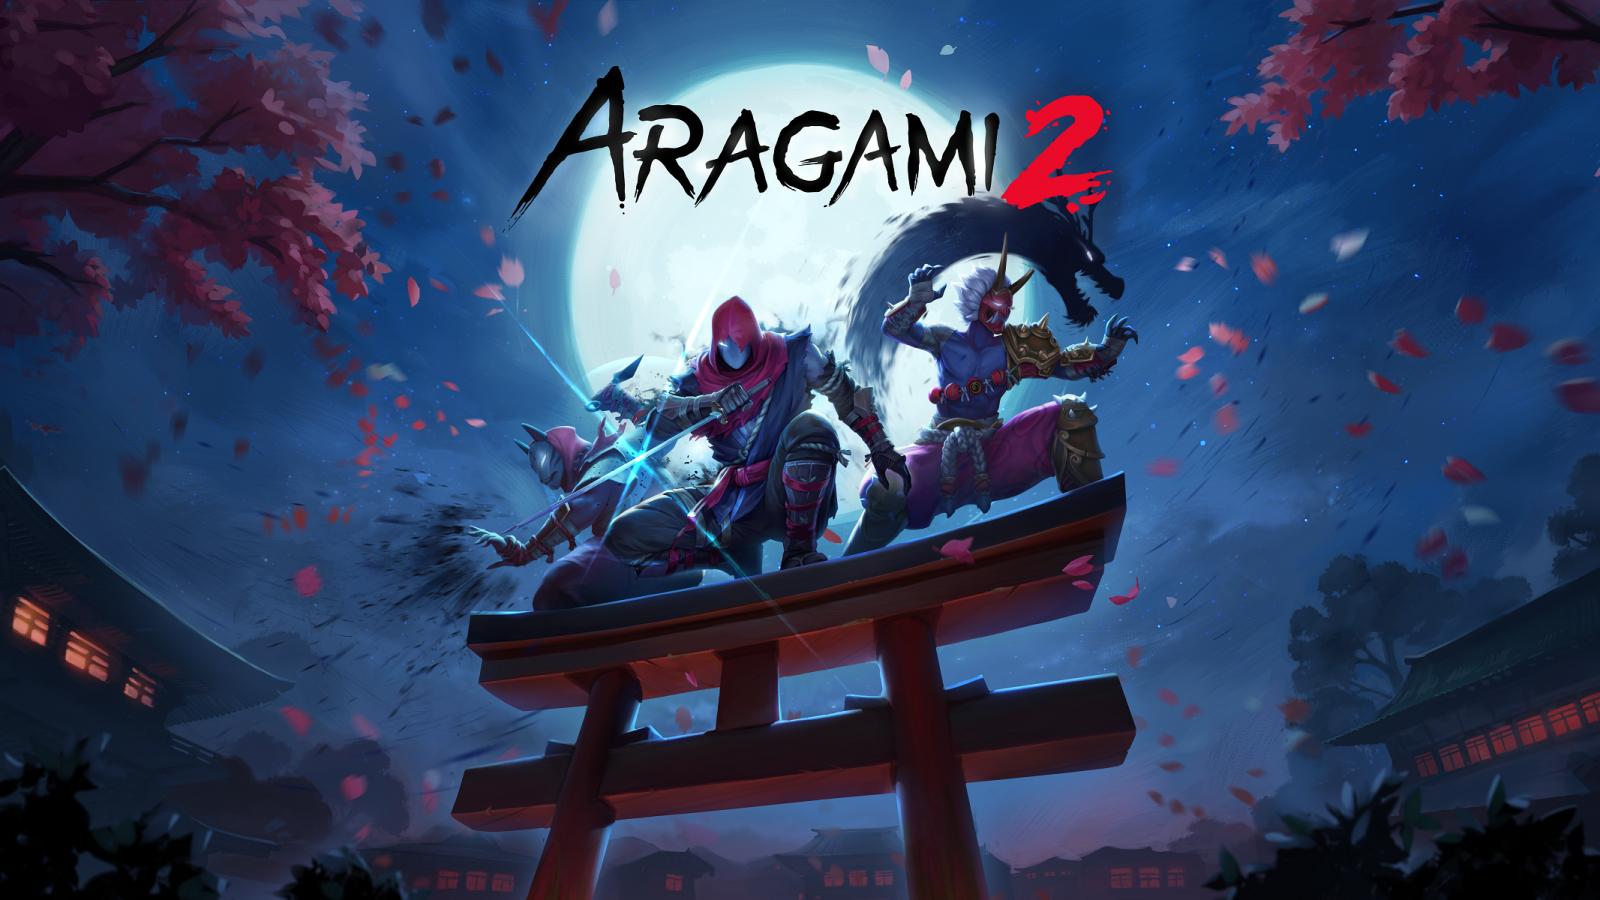 aragami 2 gamescom